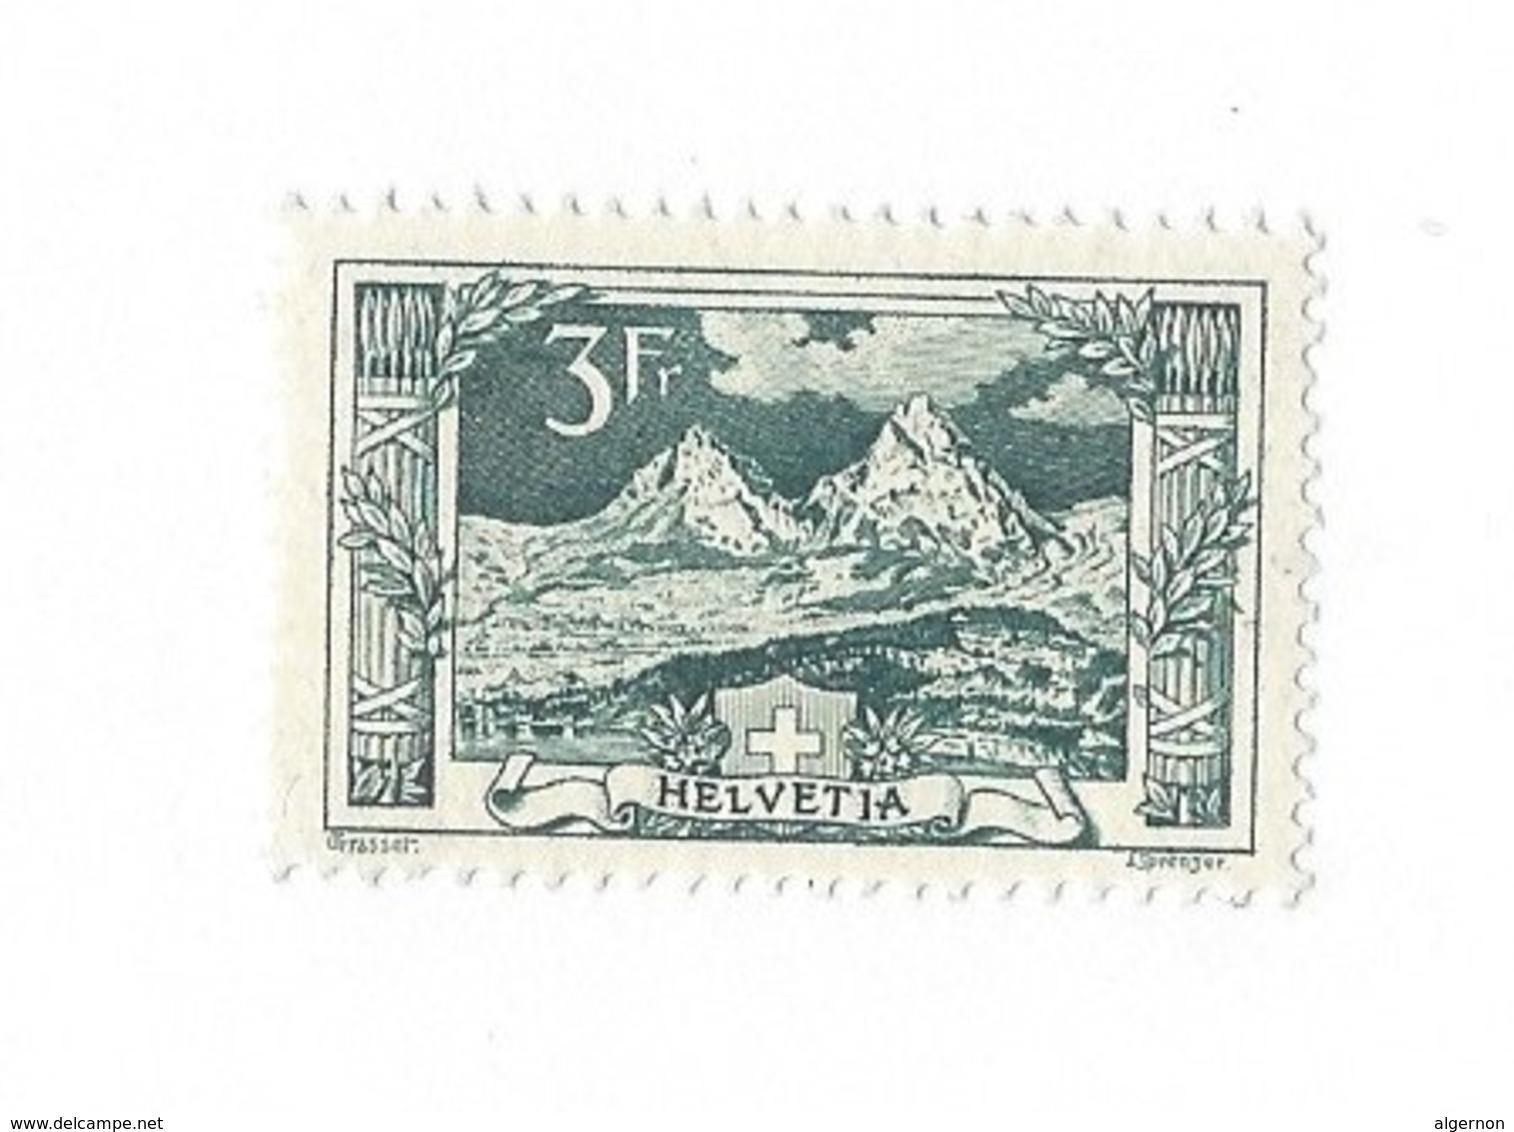 20244 -  Schweiz 1914 3 Fr Vert  Paysage Mythen  Zu N° 129 Côte 1960 CHF  Avec Attestation - Suisse